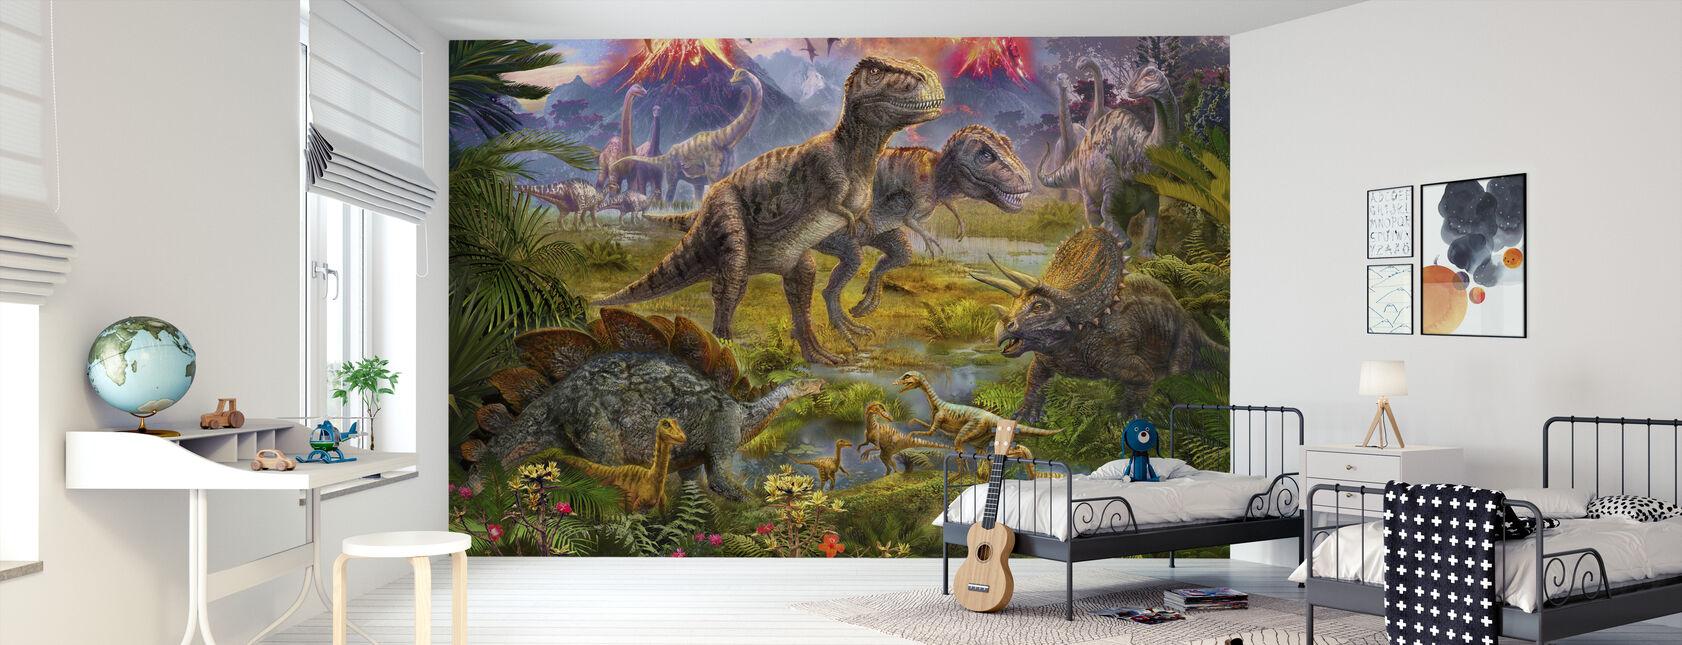 Encuentro de dinosaurios - Papel pintado - Cuarto de niños